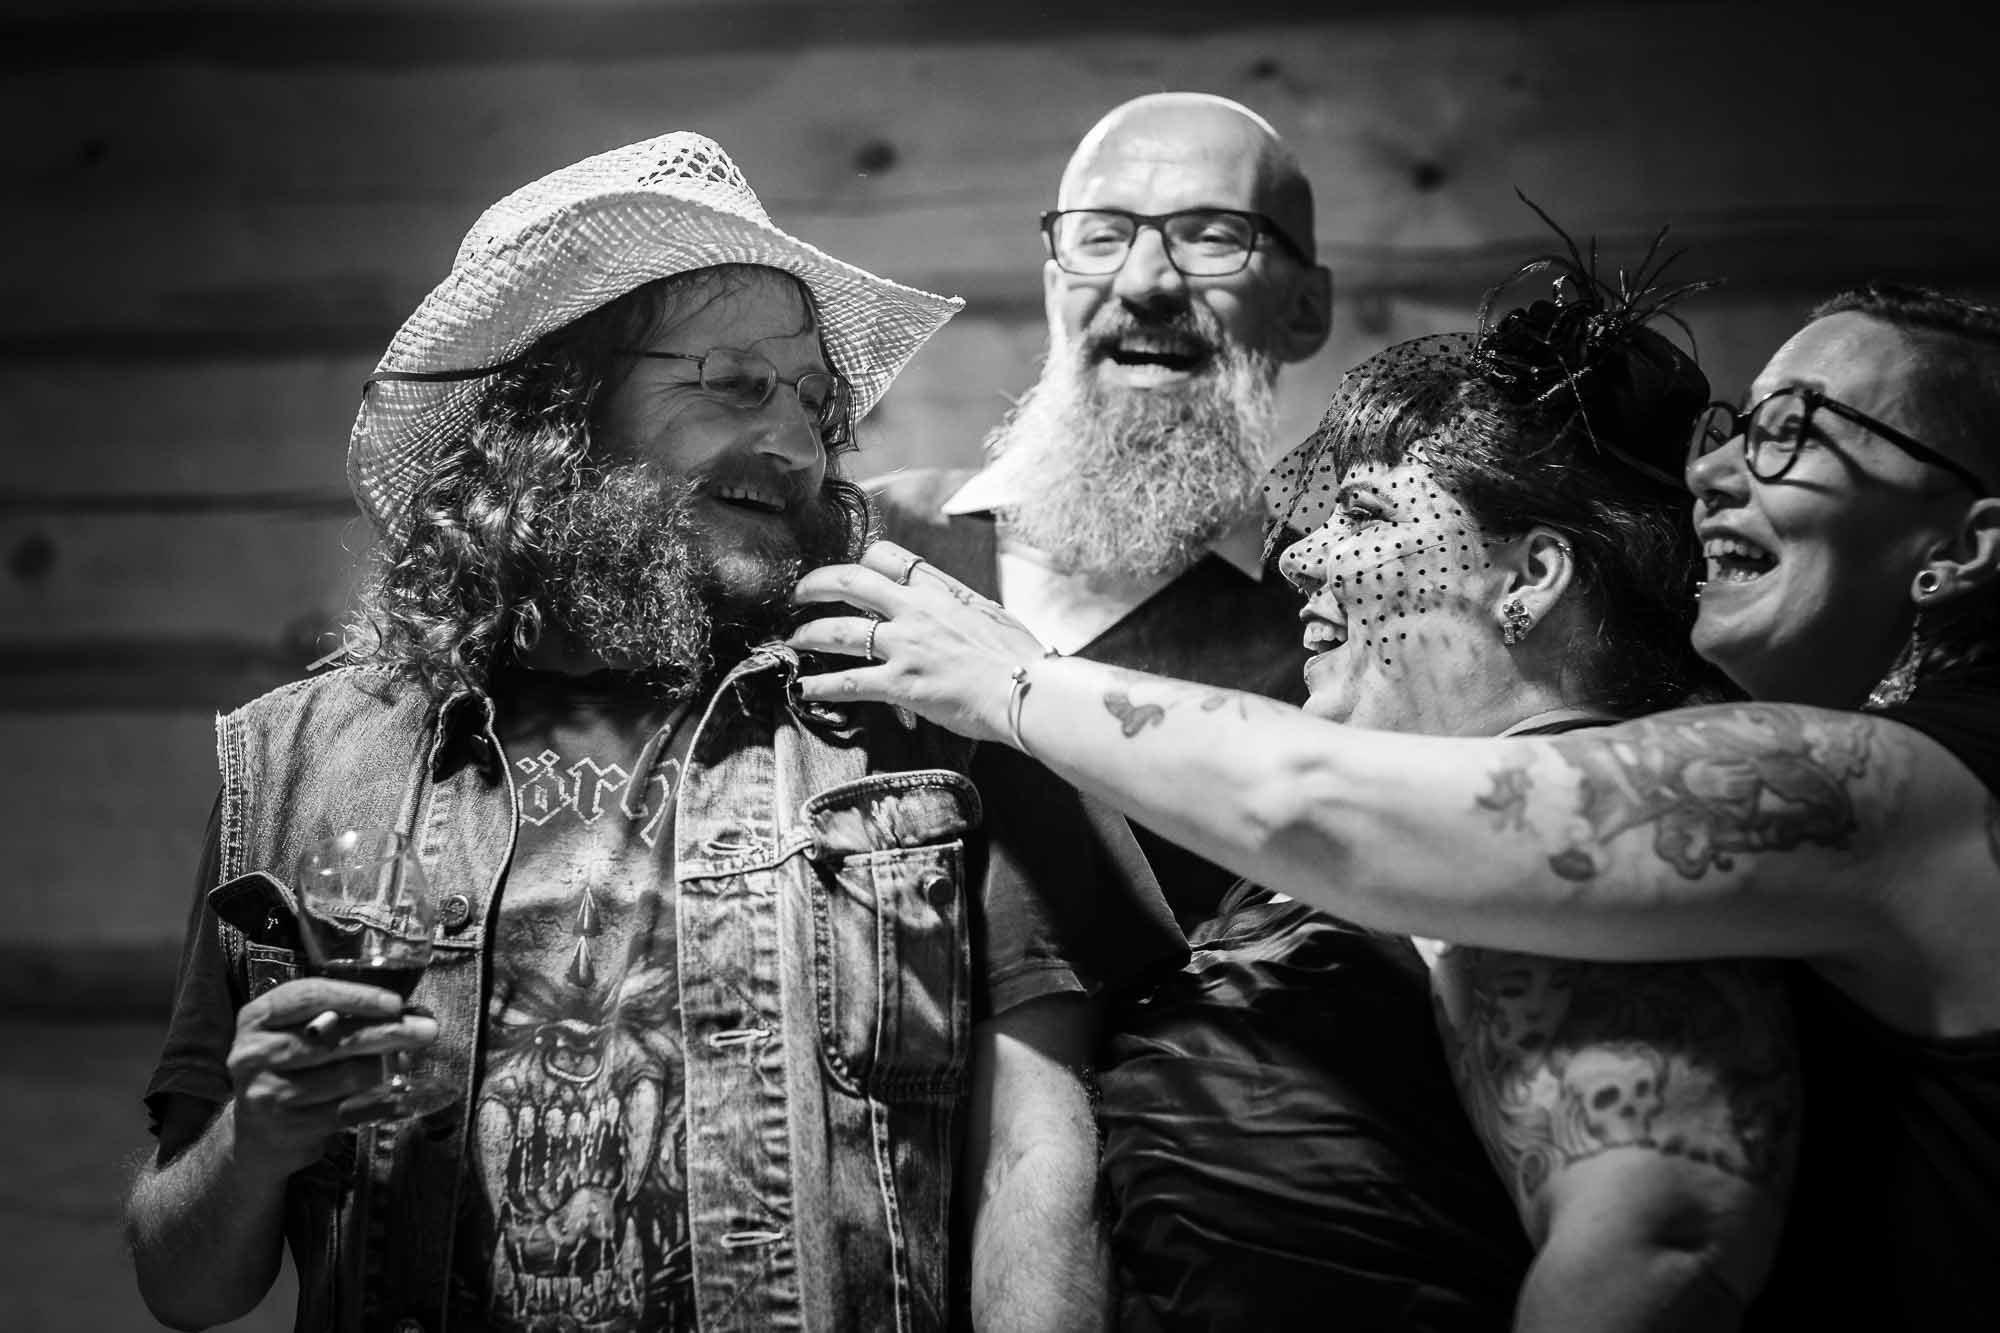 Bart von Gast wird gekrault